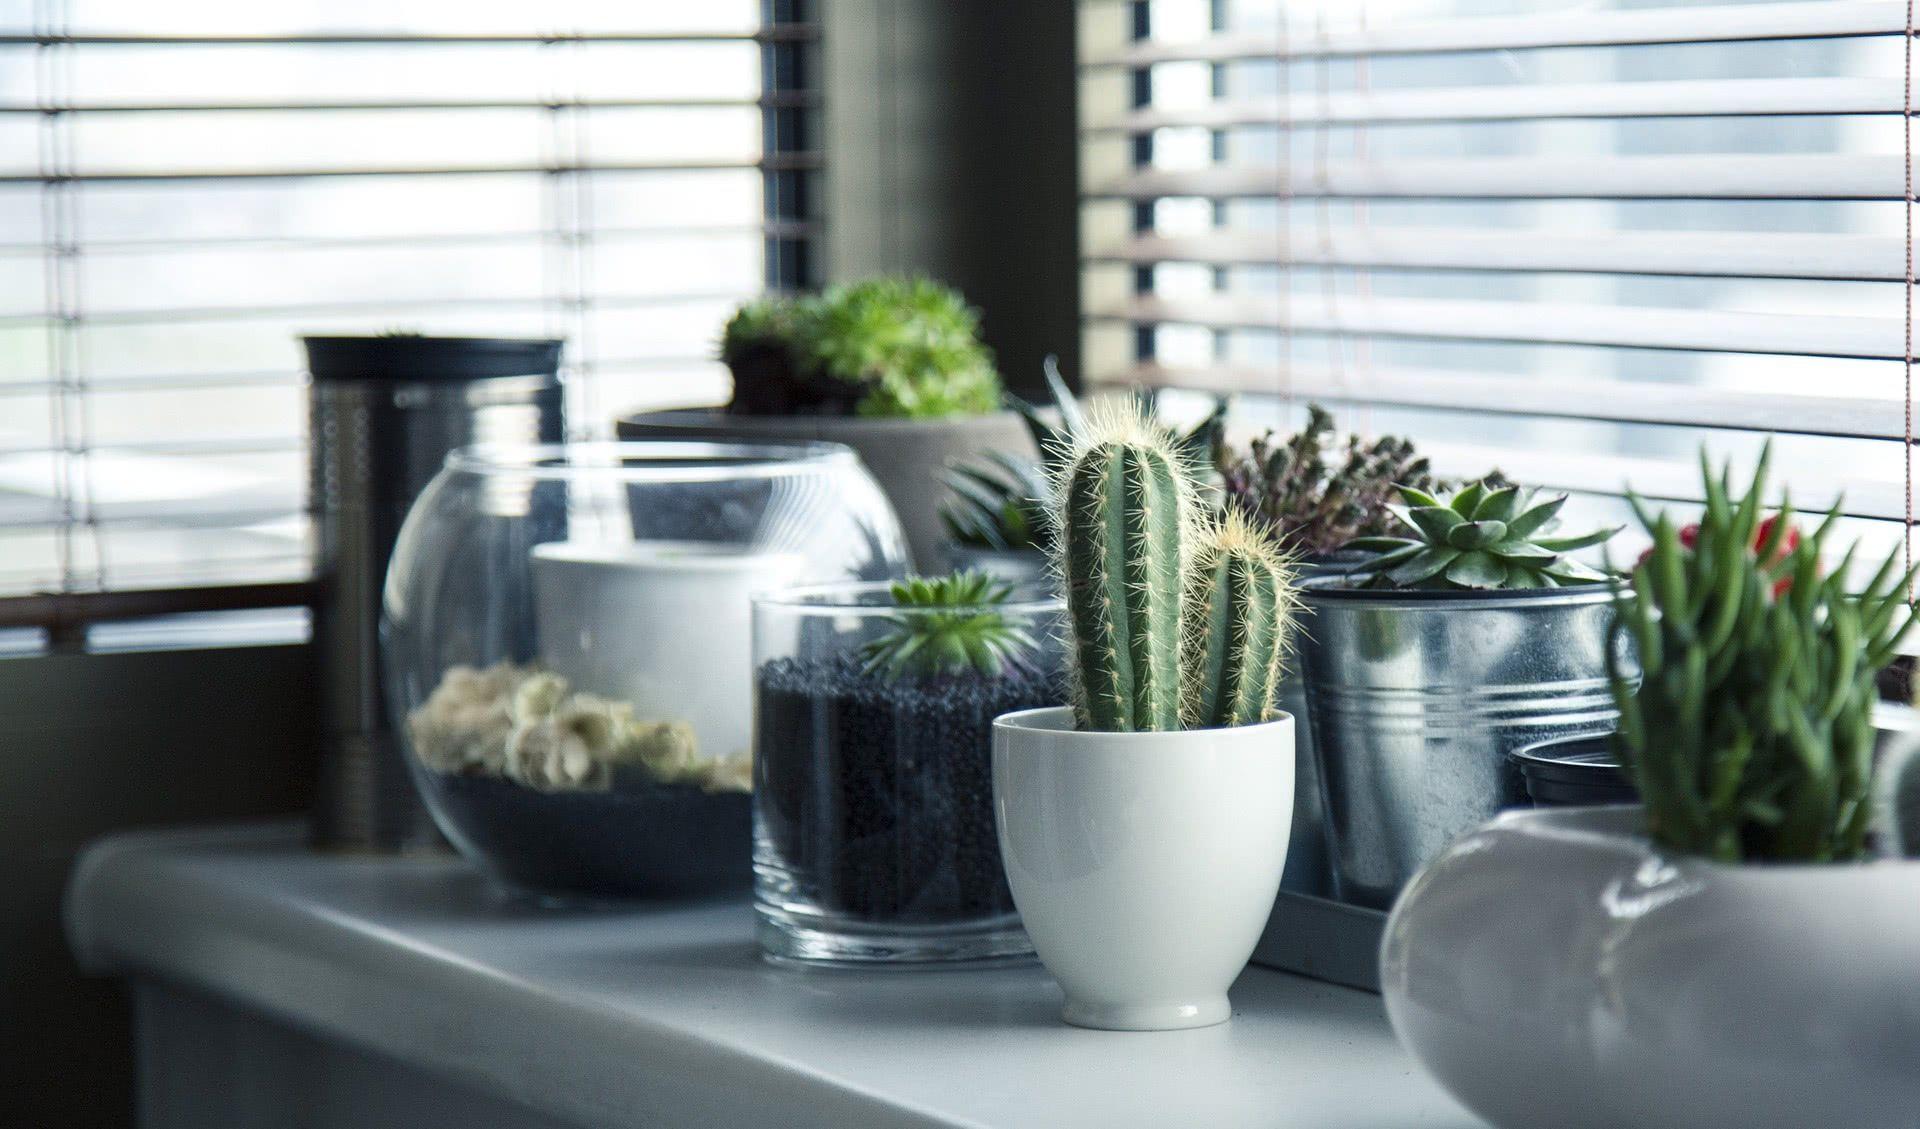 Insira pequenos vasos sobre o peitoril da janela